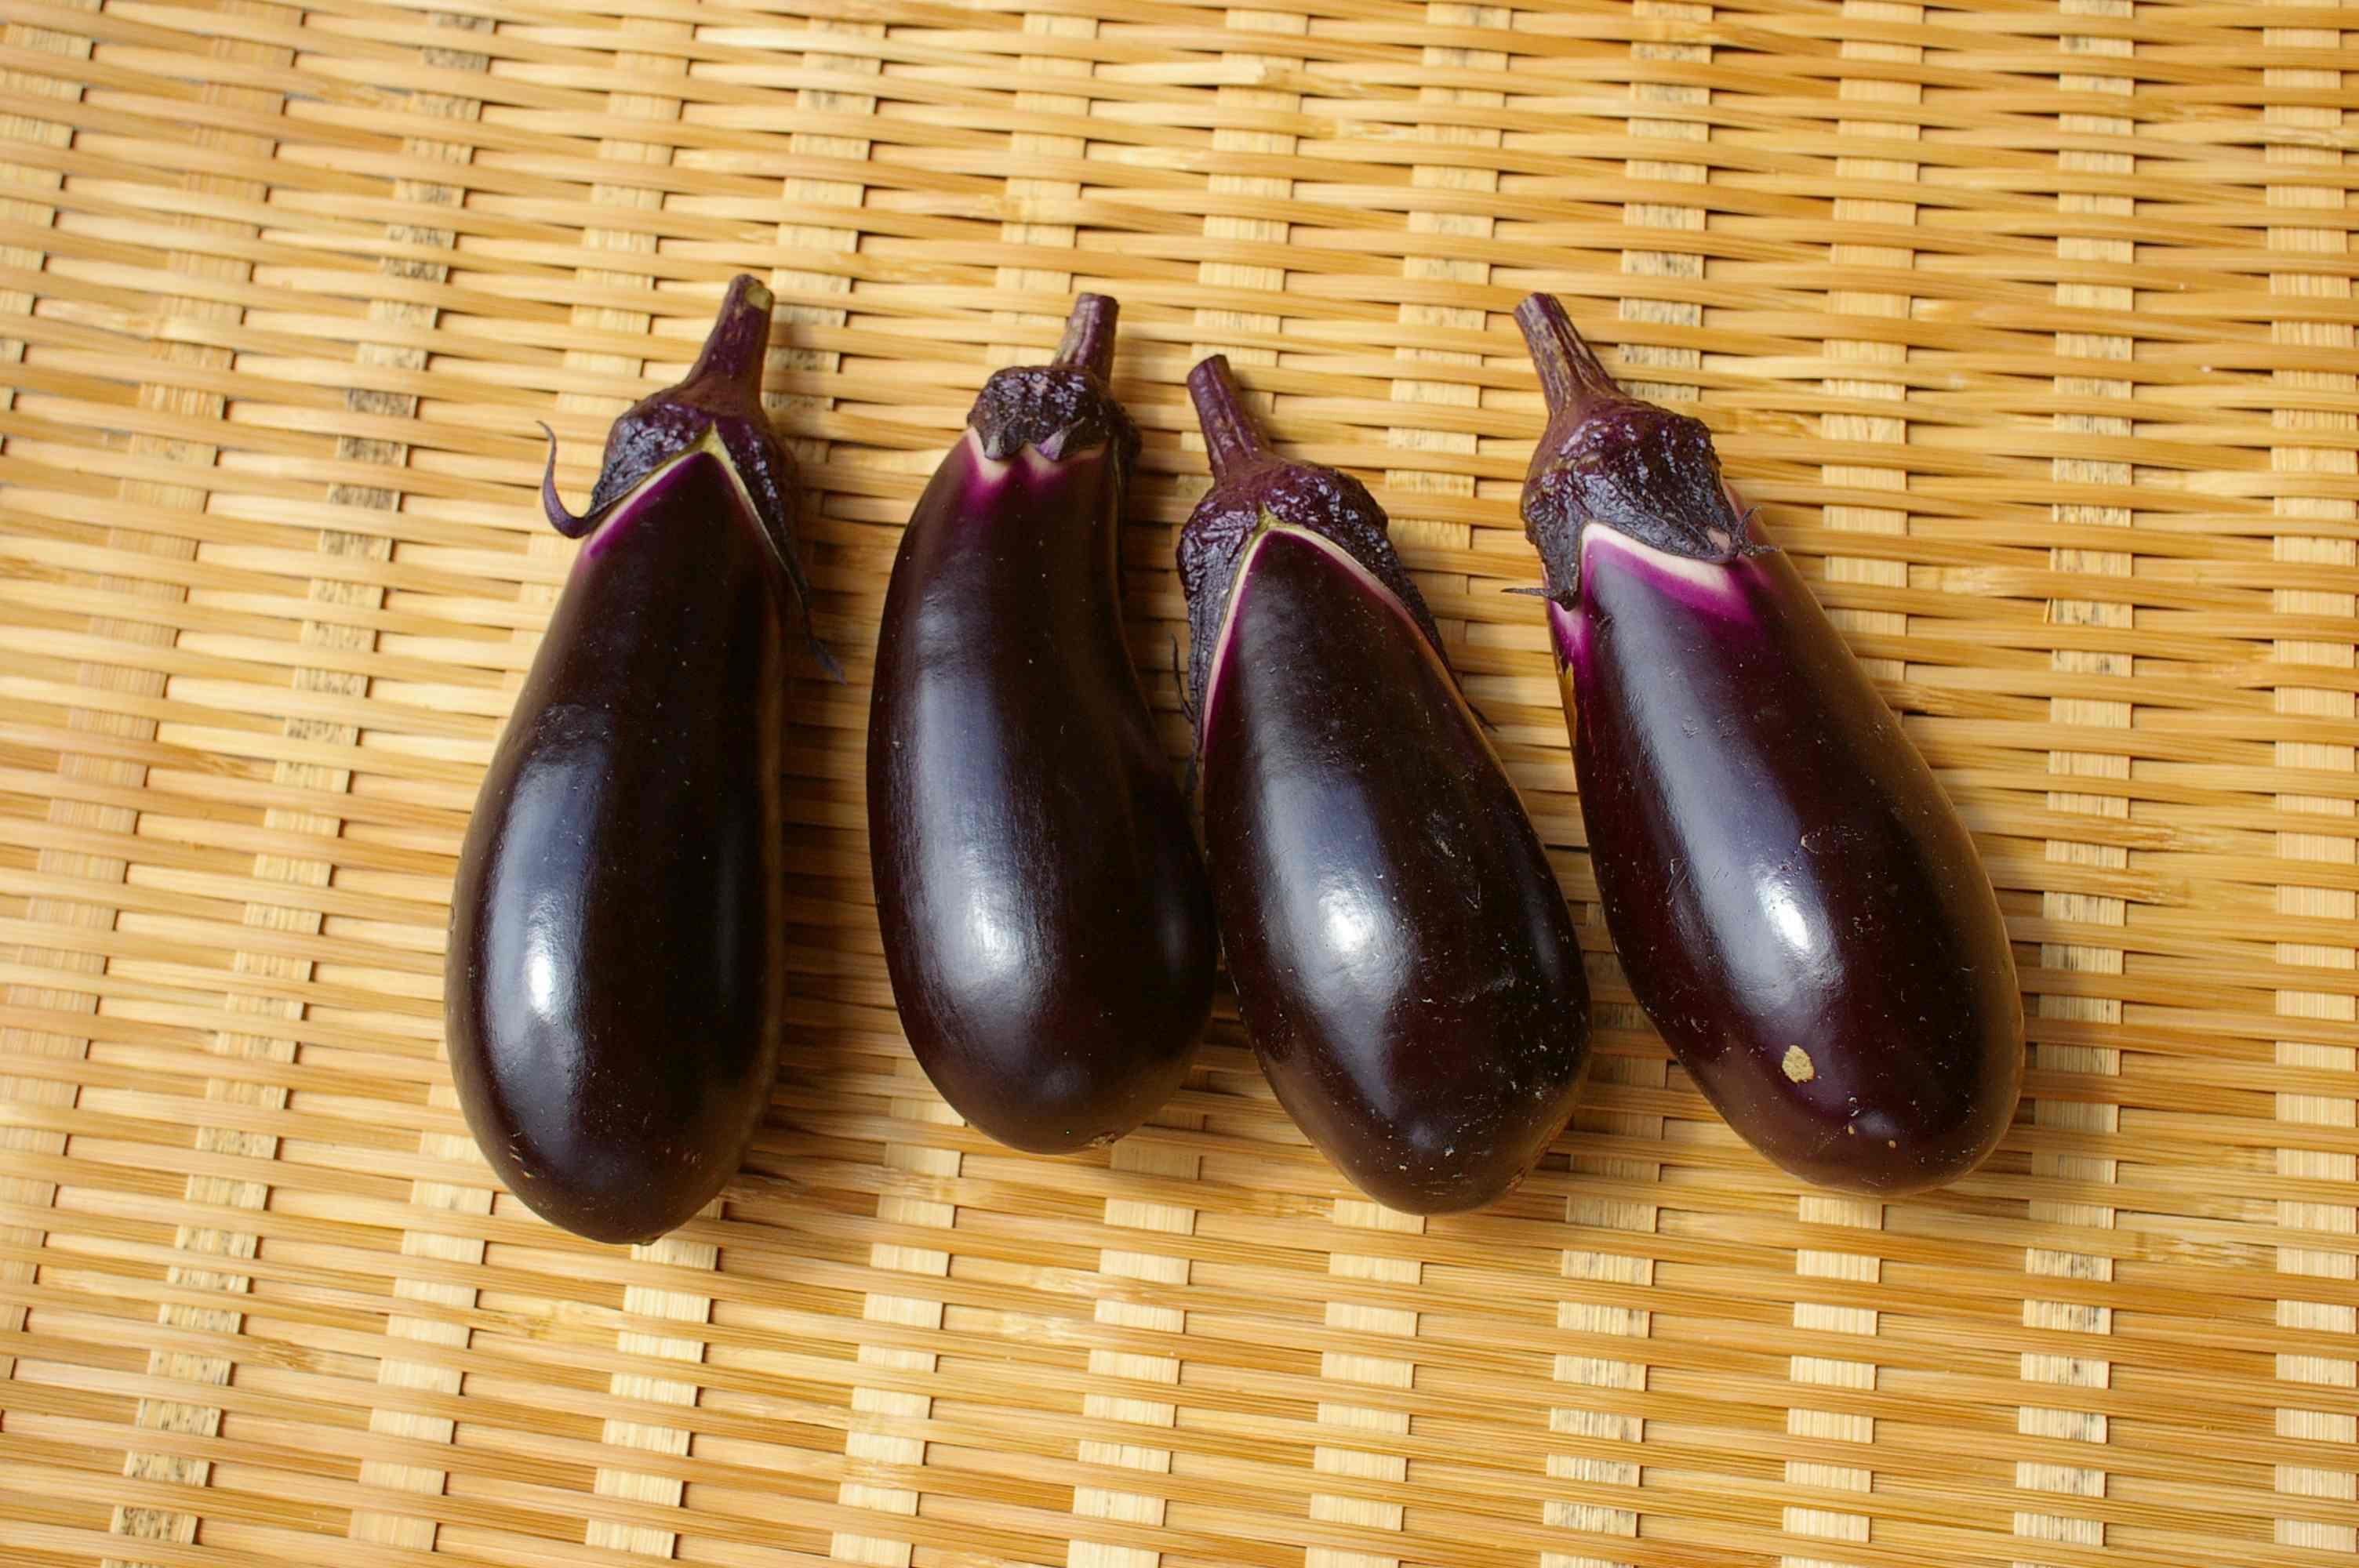 意外と少ない?なすの栄養についてご紹介&なすを使ったレシピご紹介のサムネイル画像